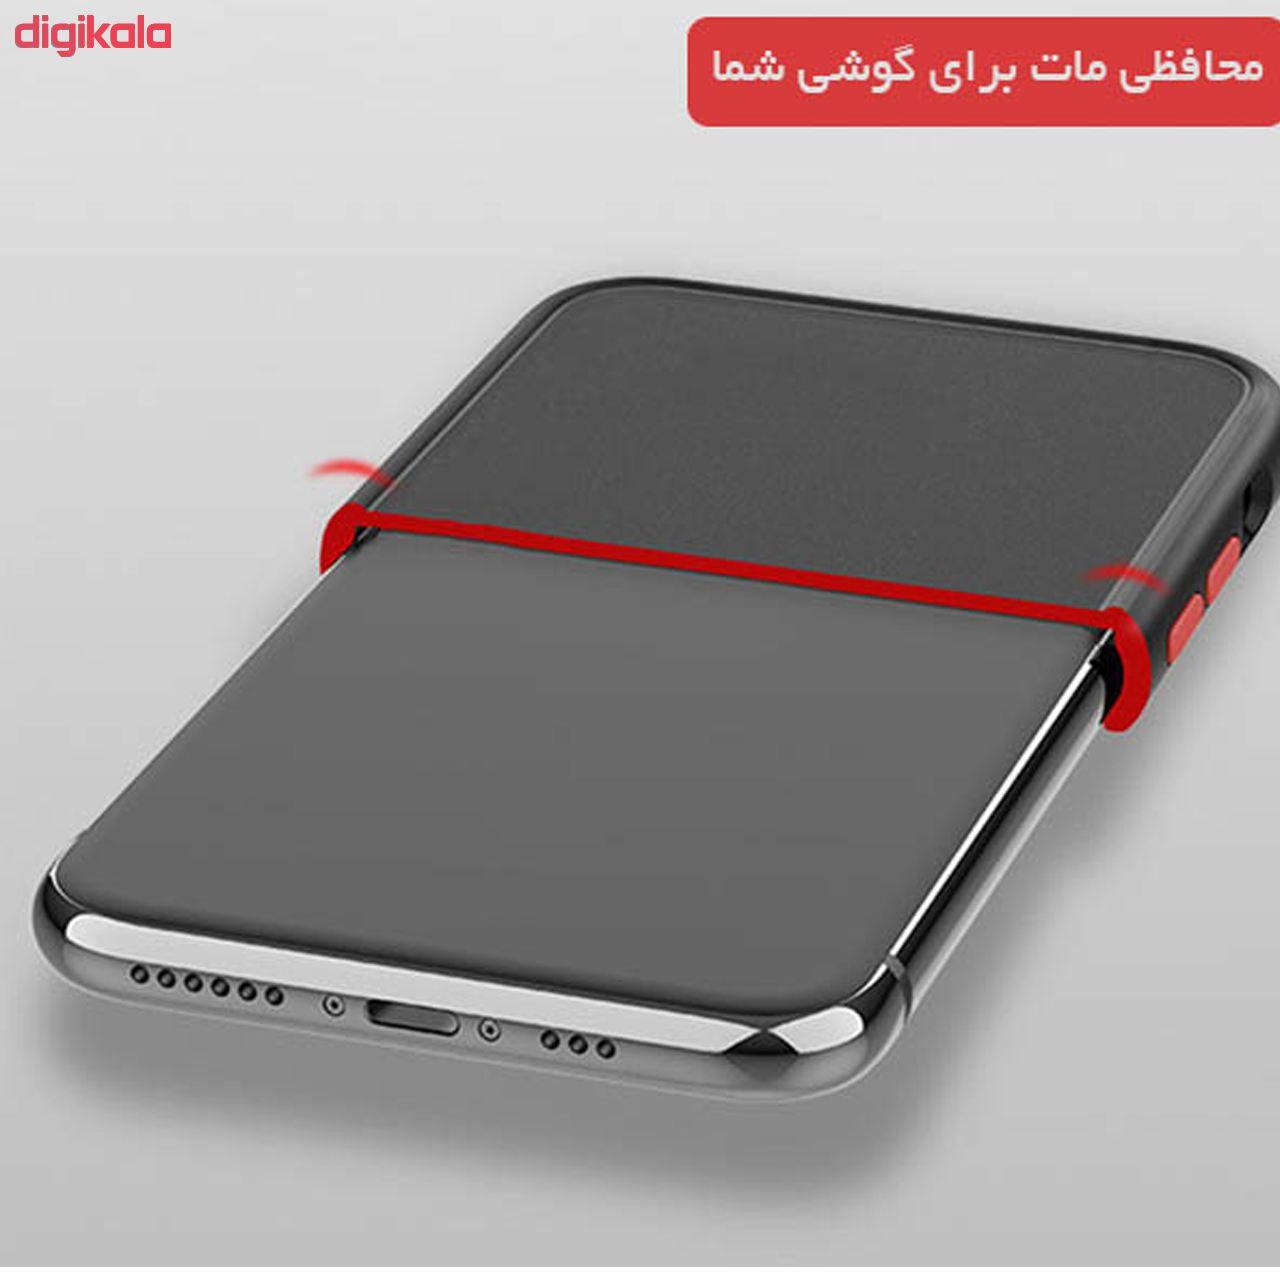 کاور کینگ پاور مدل M21 مناسب برای گوشی موبایل سامسونگ Galaxy A11 main 1 10